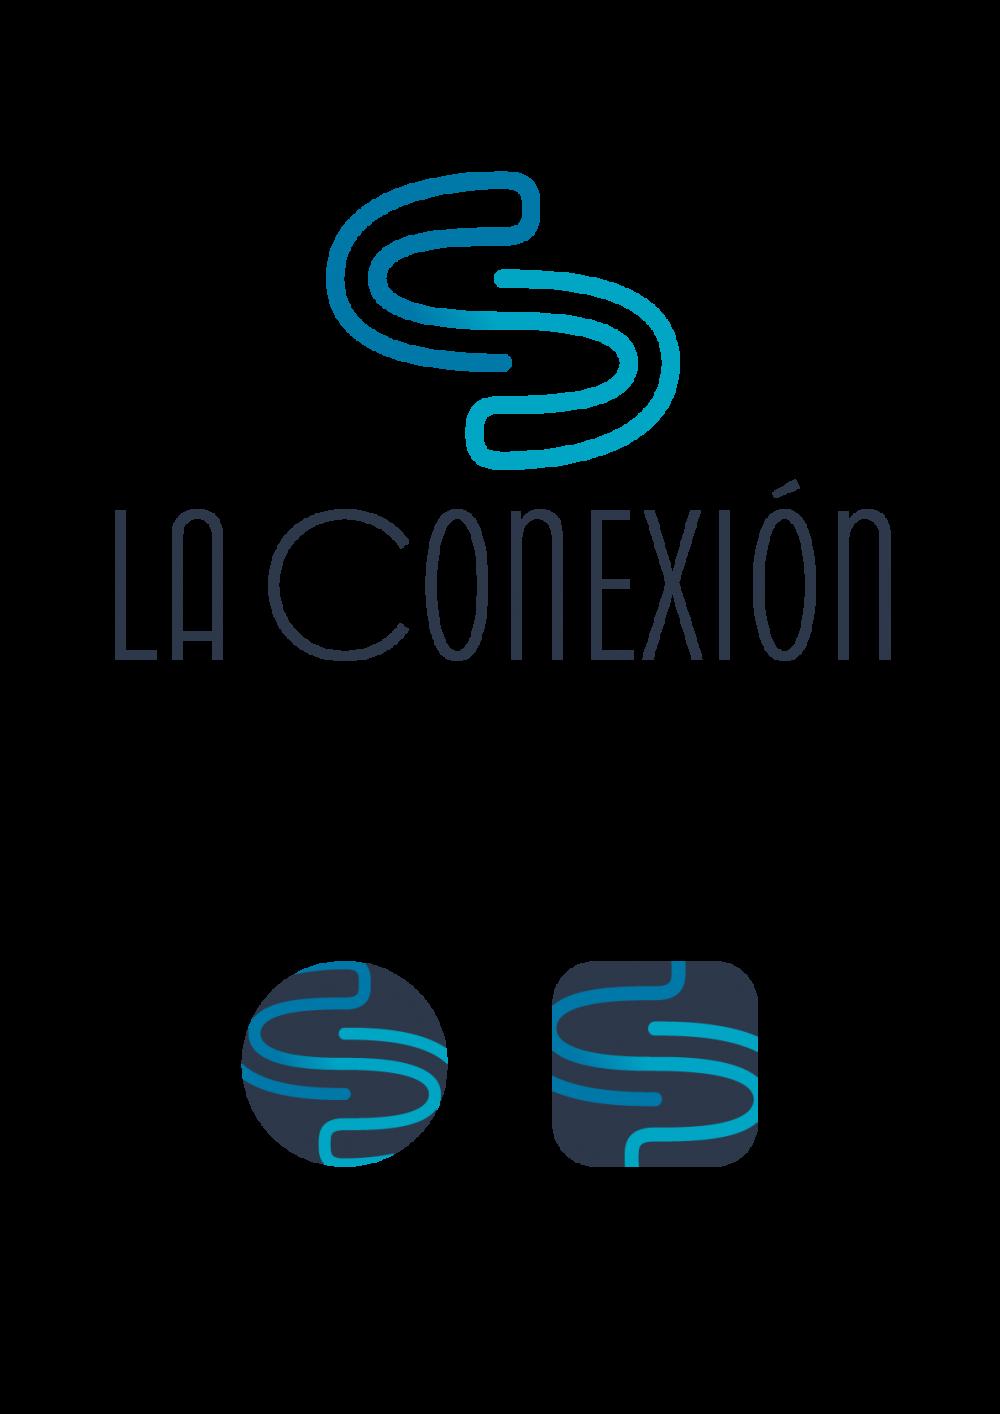 LA CONEXION -Artboard 3@2x